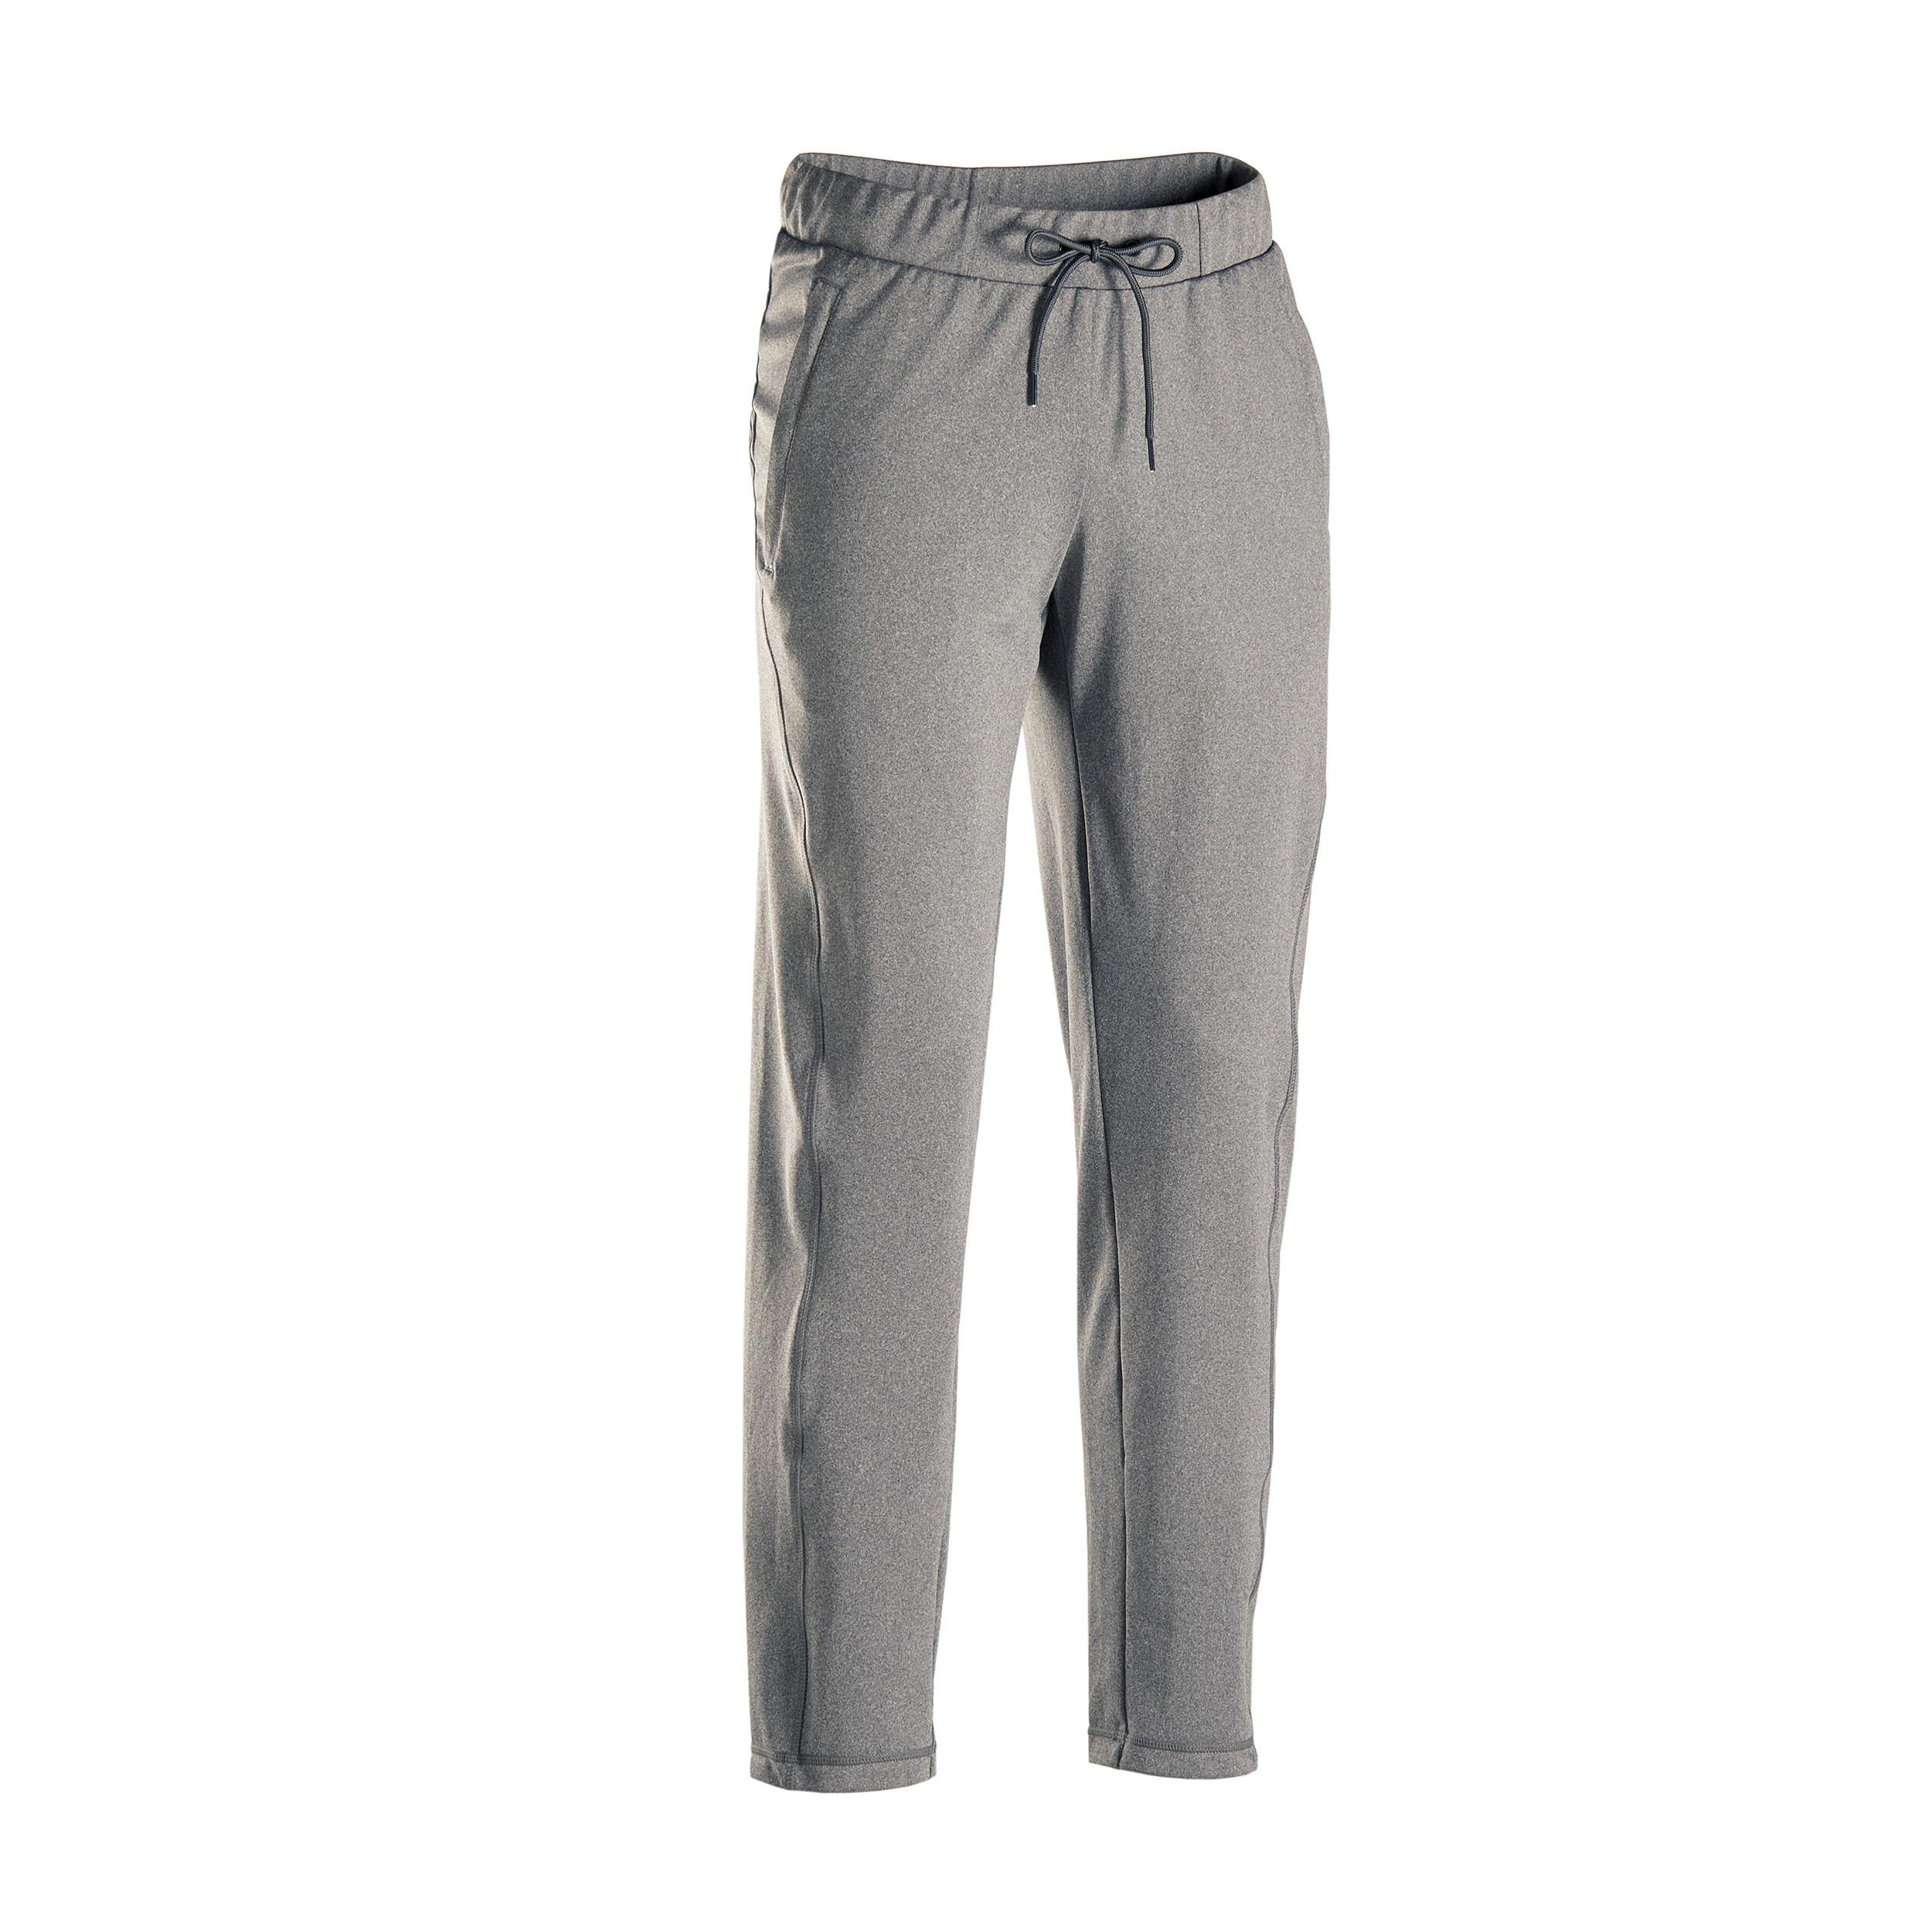 Pantalon Yoga Ușoară Bărbați